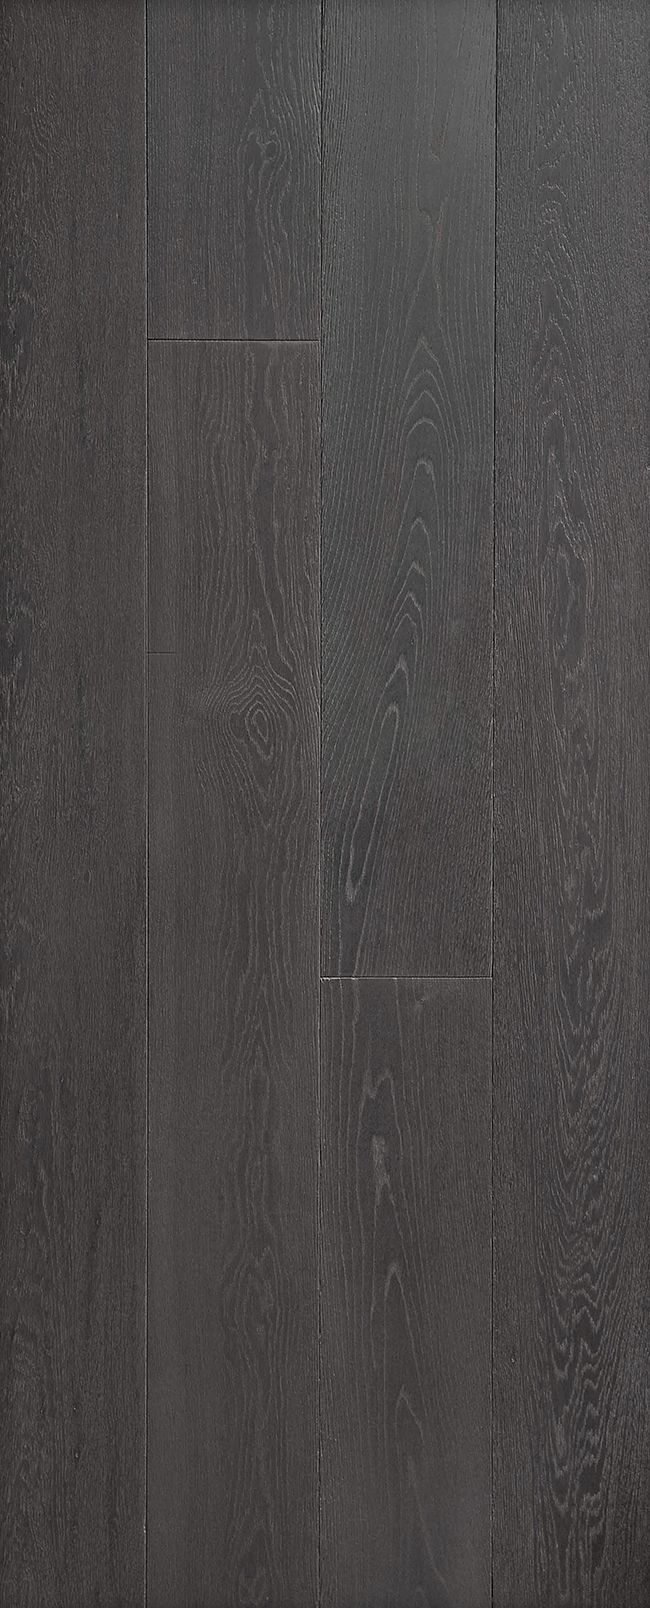 GREY TERMAL Engineered Oak Wood floor texture, Wood